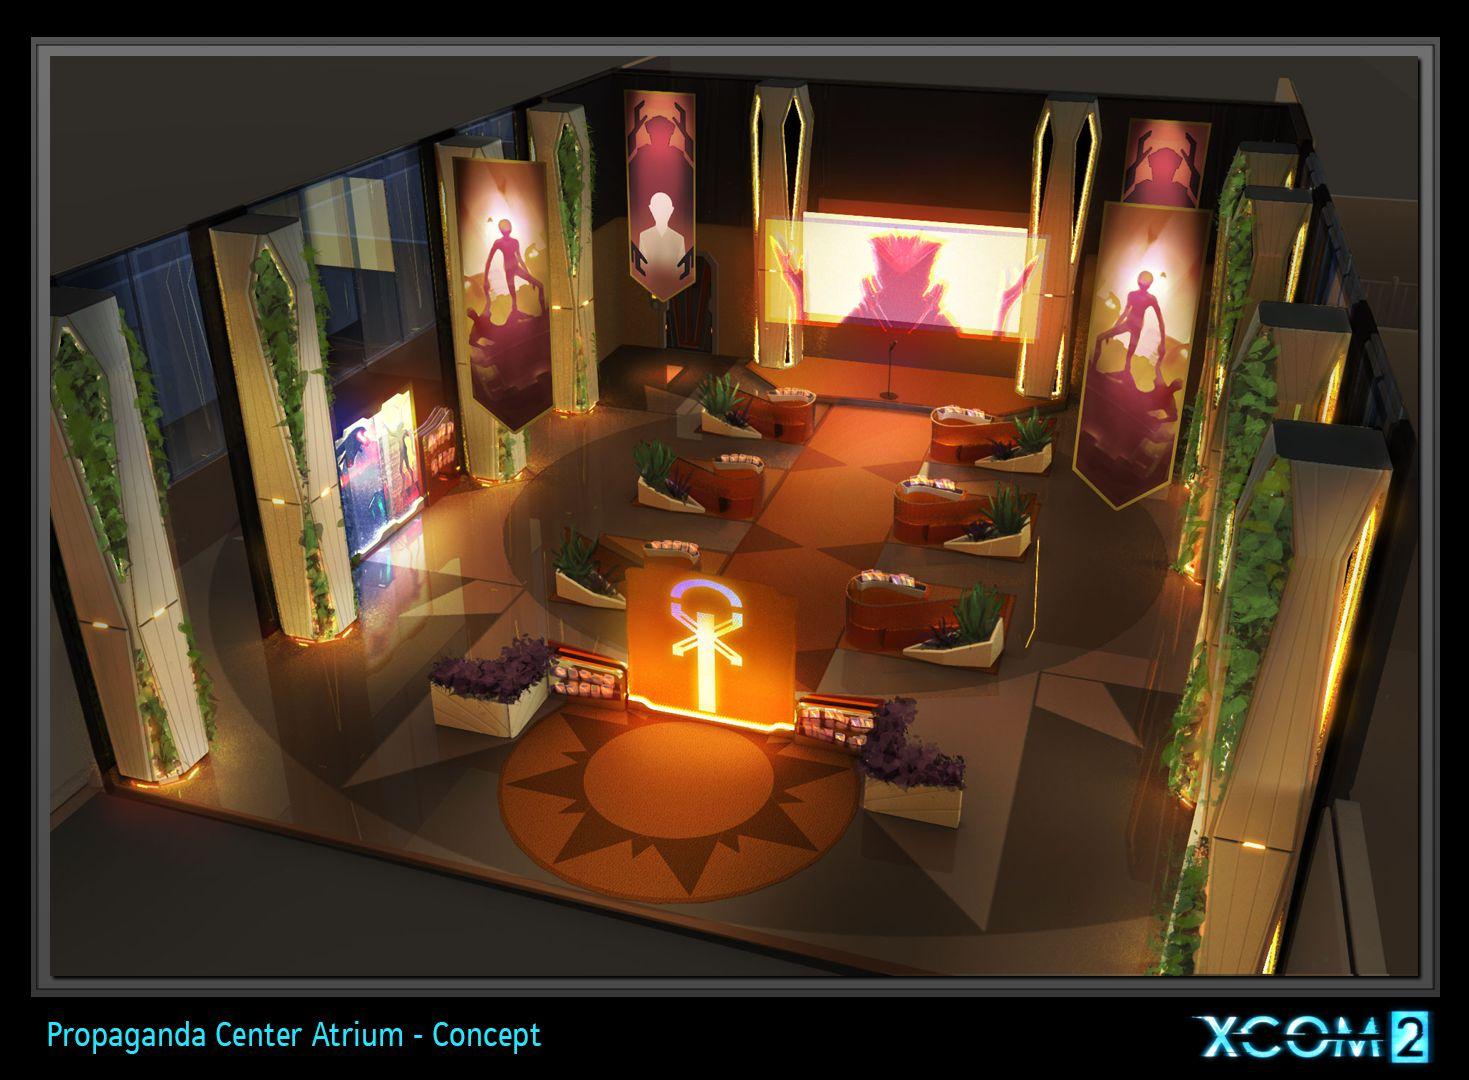 XCOM2-17media_ADVENT-Propaganda_Center_Atrium.jpg